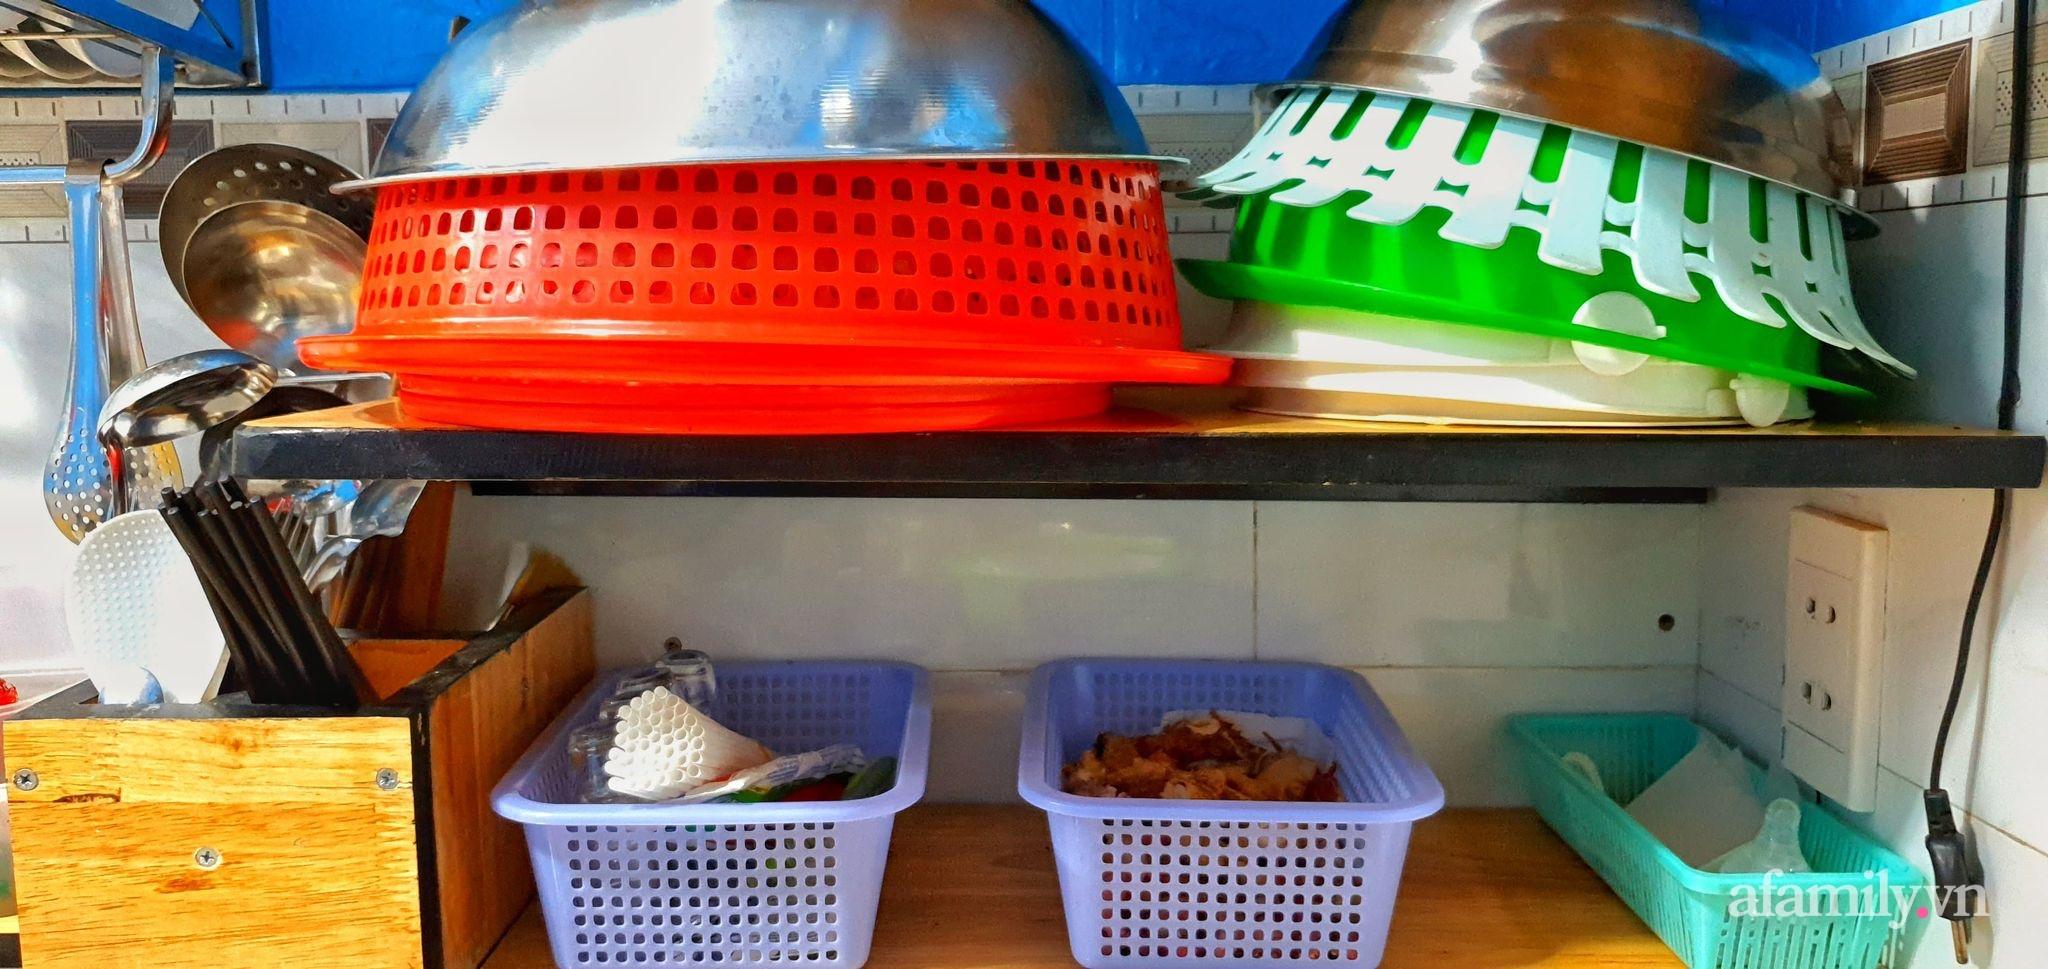 """Căn bếp 5m² luôn gọn sạch, thơm tho nhờ bí quyết """"nhỏ nhưng có võ"""" của ông bố trẻ Sài Gòn - Ảnh 5."""